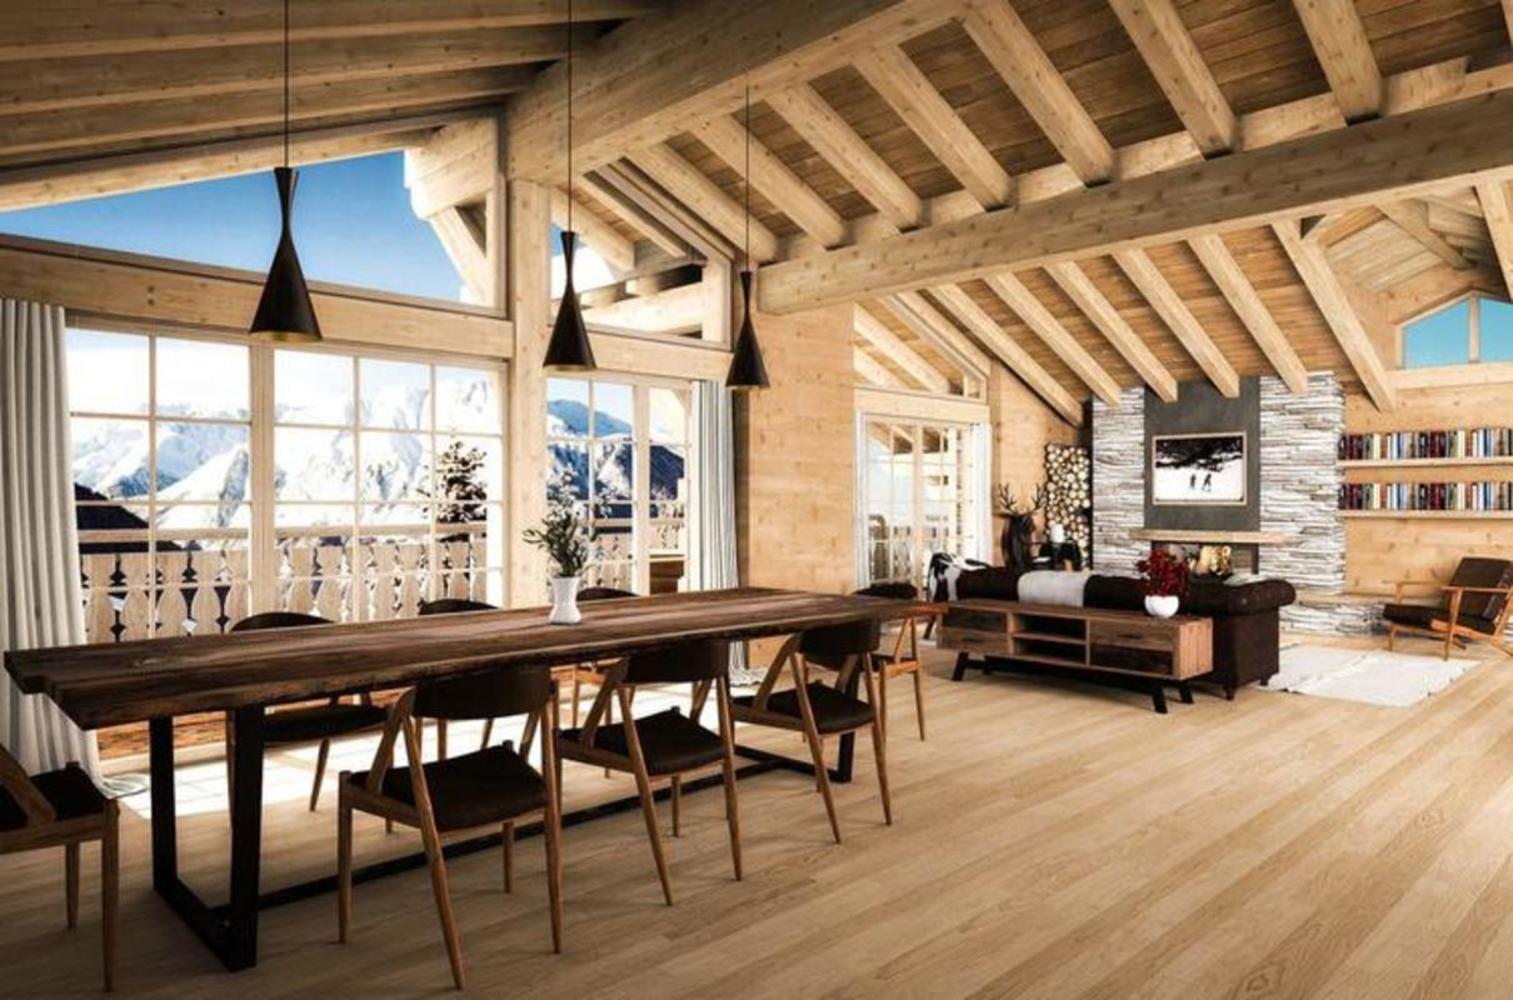 gerofinance verbier splendide chalet construire. Black Bedroom Furniture Sets. Home Design Ideas